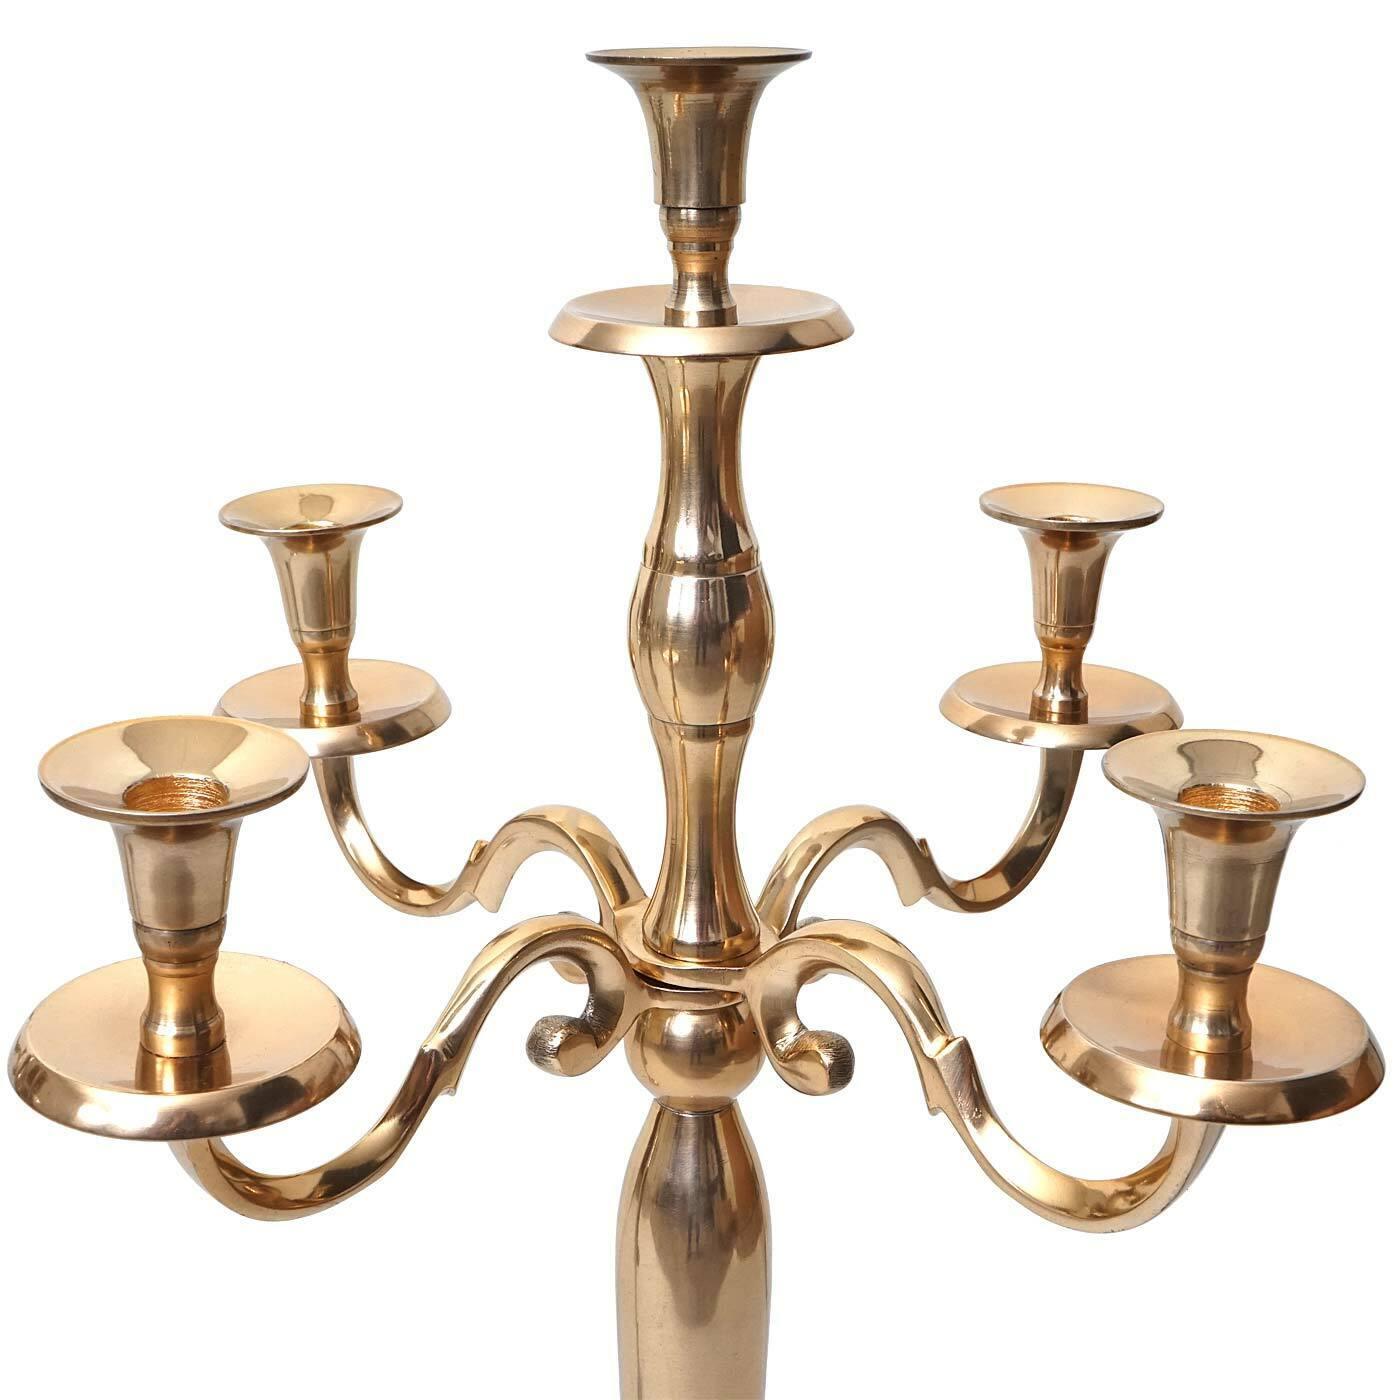 Kerzenständer  HWC-D81, 5-armig aus Aluminium 80cm 80cm 80cm massiv, Farbe  Gold | Bekannt für seine schöne Qualität  5a34d3